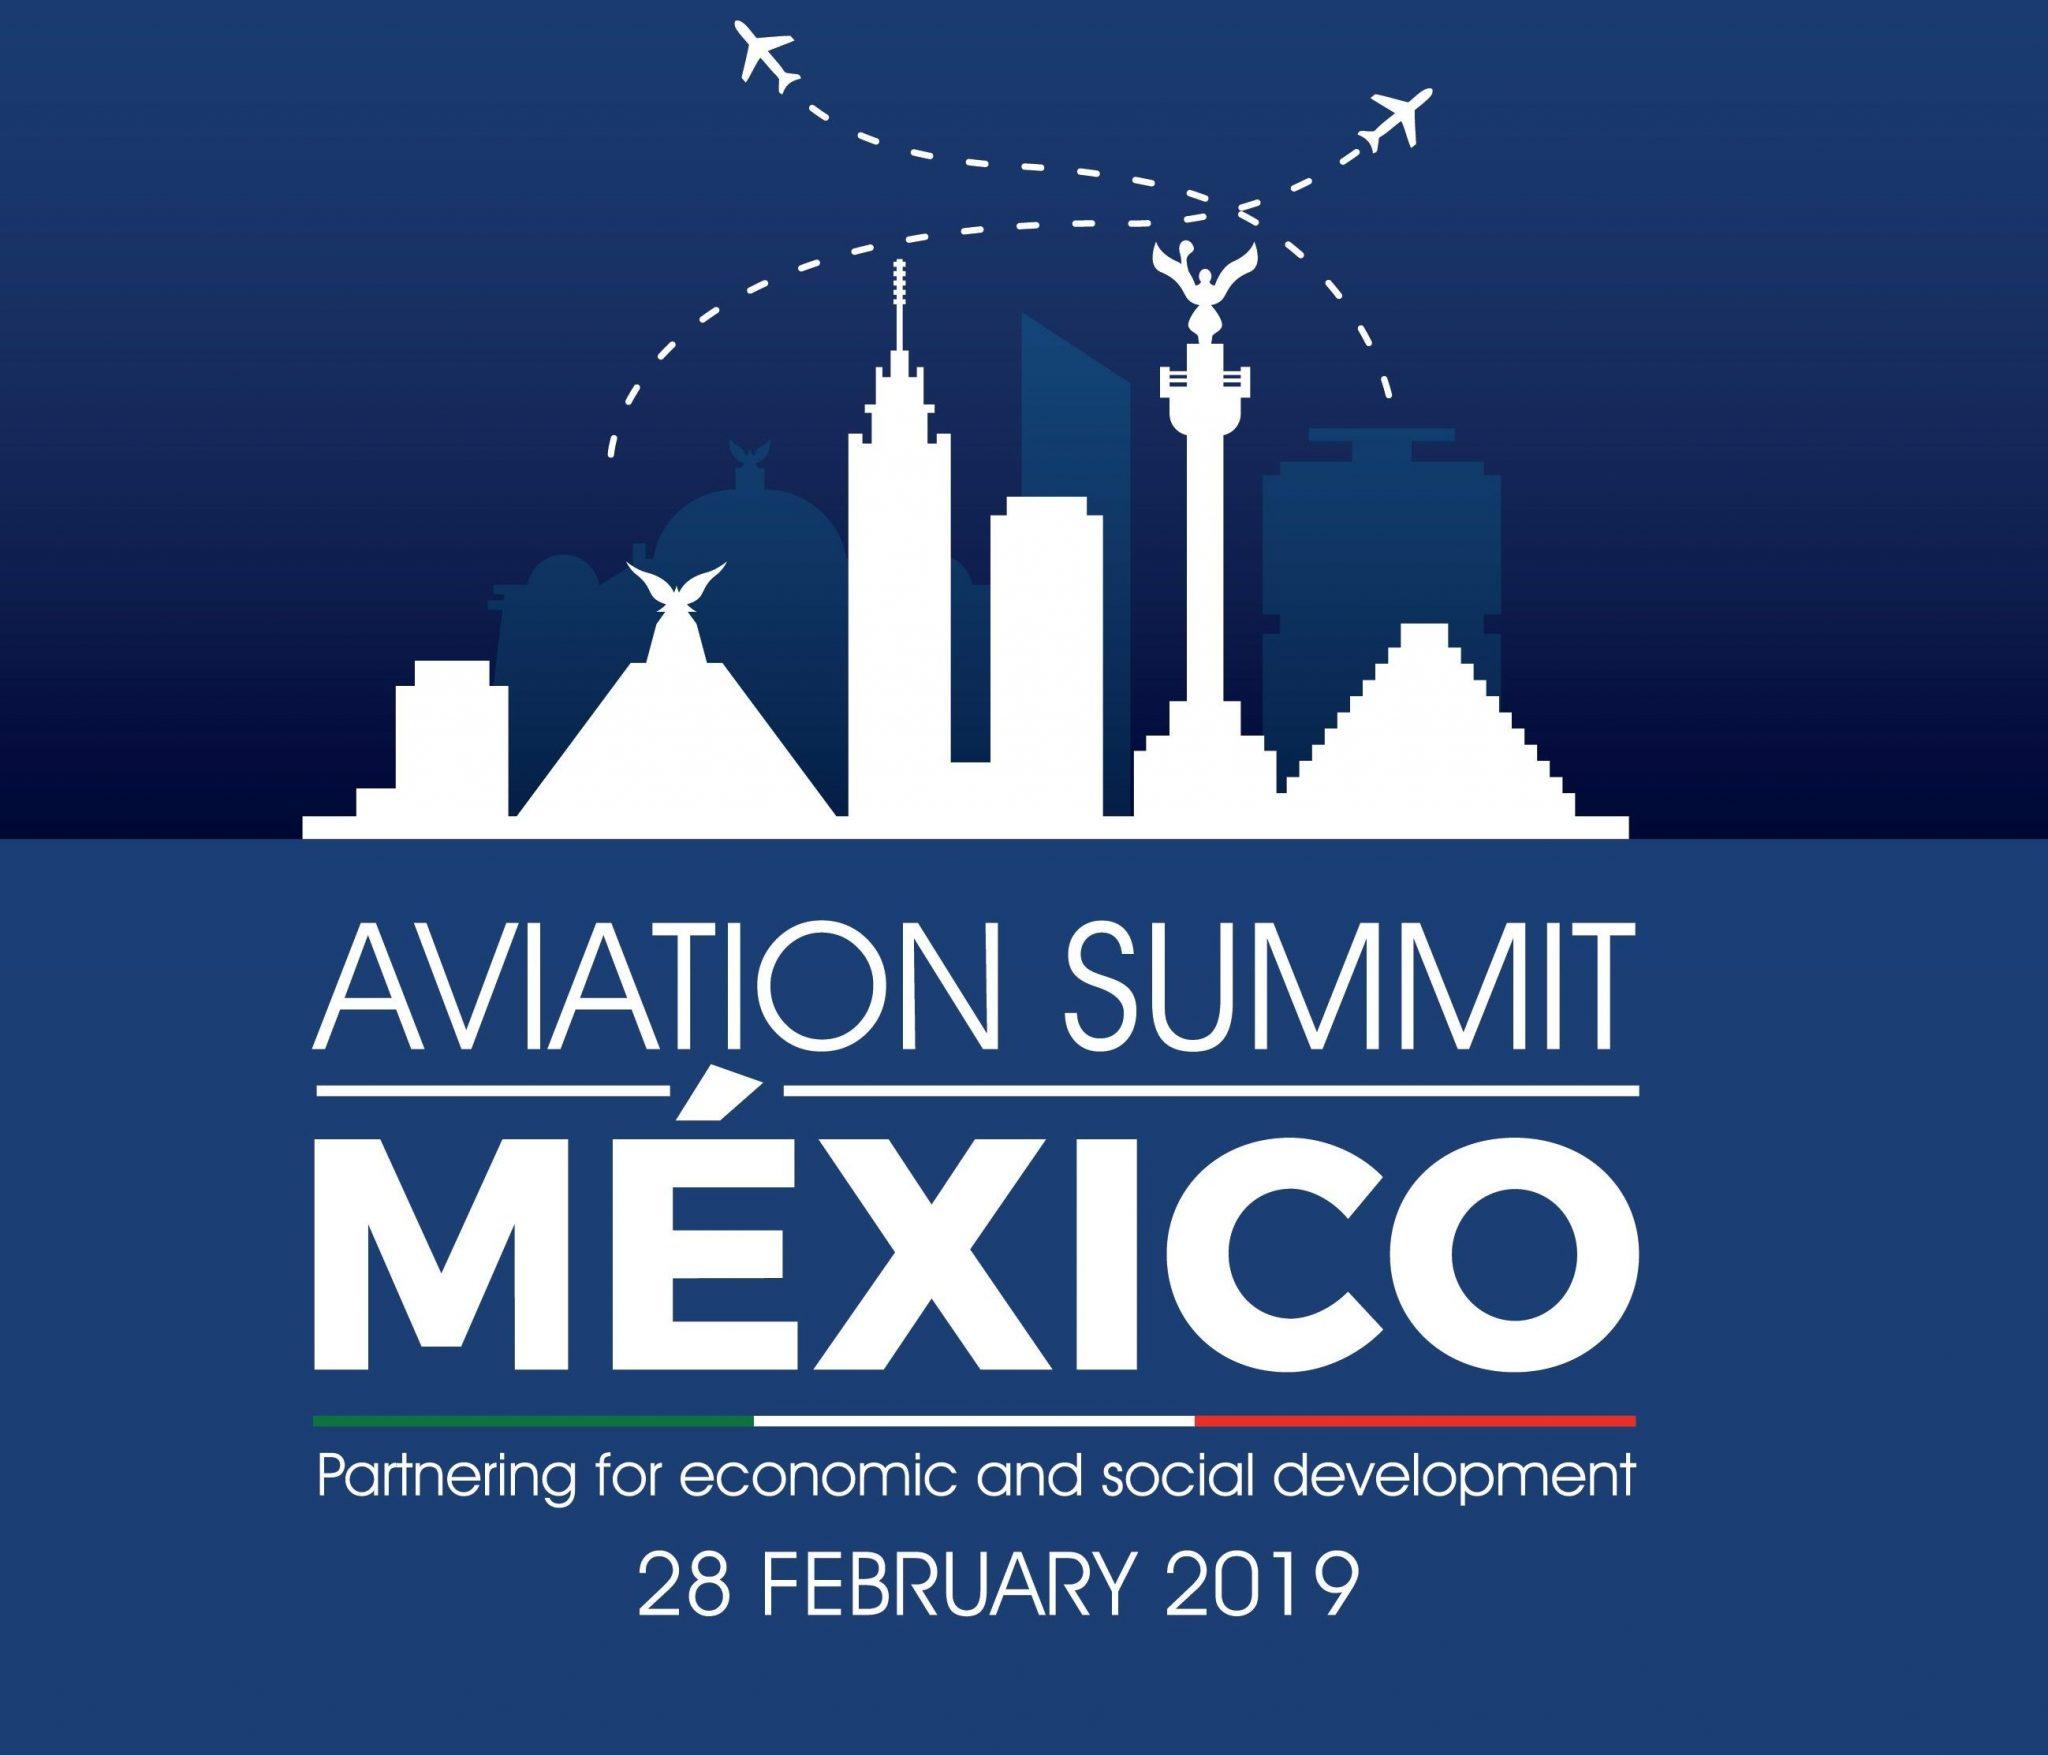 Todo listo para la Primera Cumbre de Aviación en México